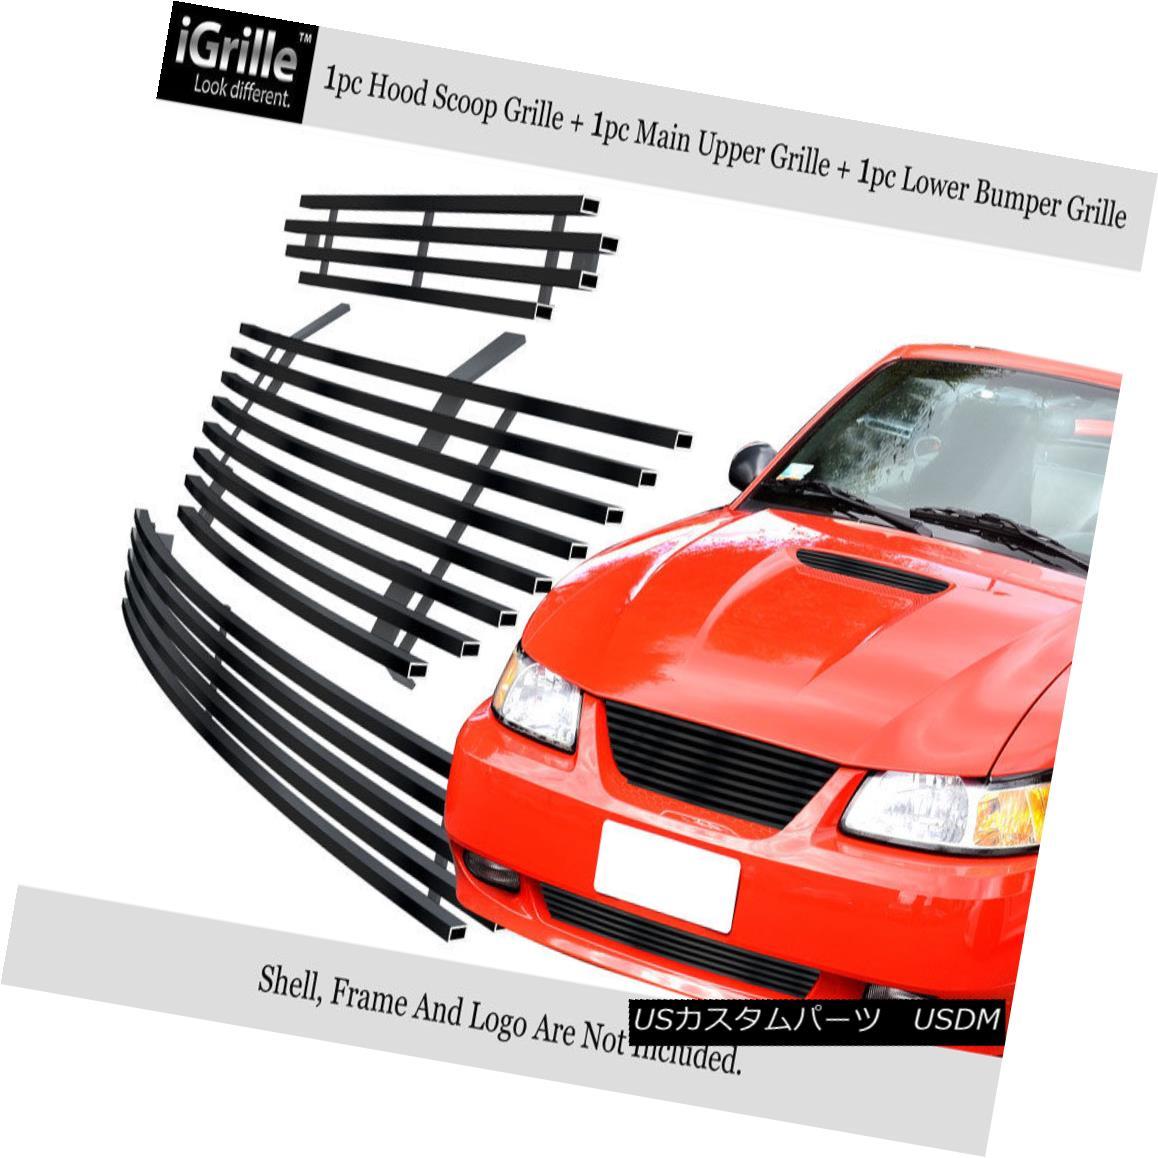 グリル Fits 1999-2004 Ford Mustang Stainless Black Billet Grille Combo フィット1999-2004フォードマスタングステンレスブラックビレットグリルコンボ